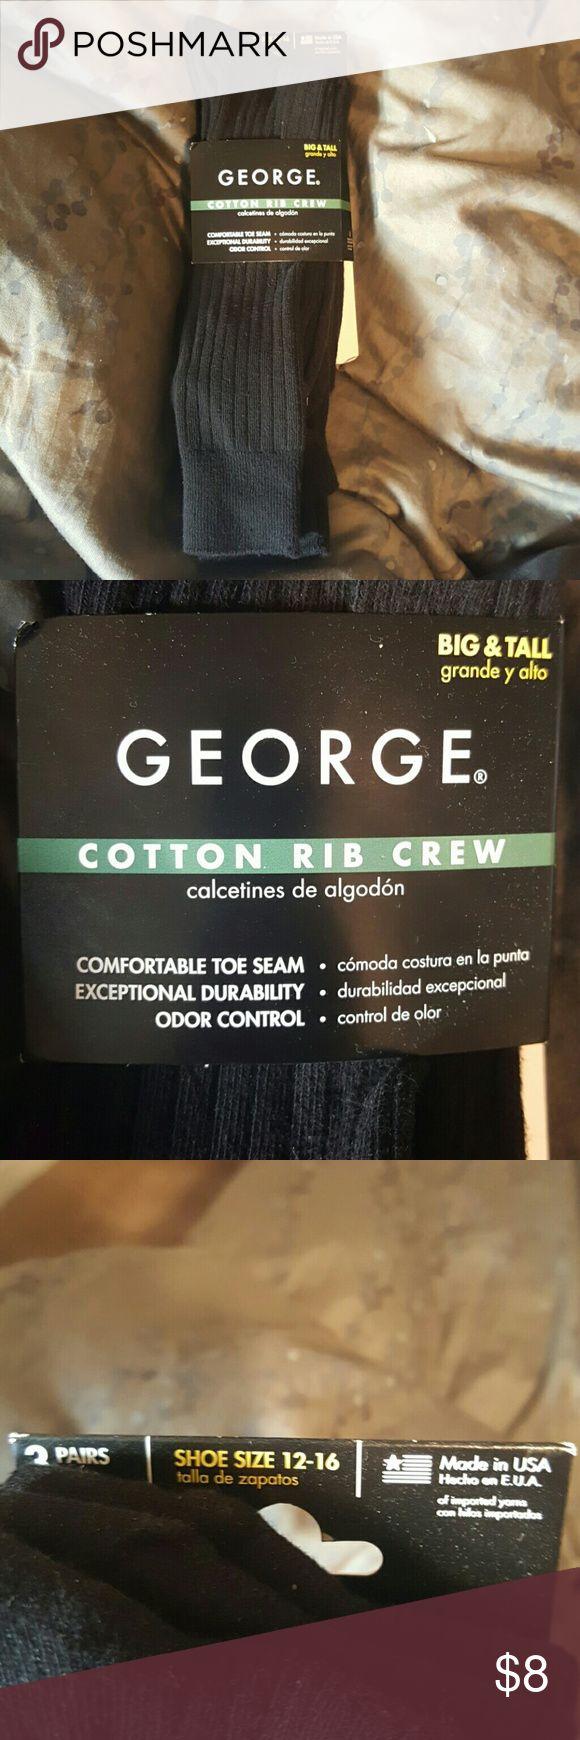 Dress Socks size 12-16 George cotton rib crew socks big and tall size 12 to 16 George Underwear & Socks Dress Socks